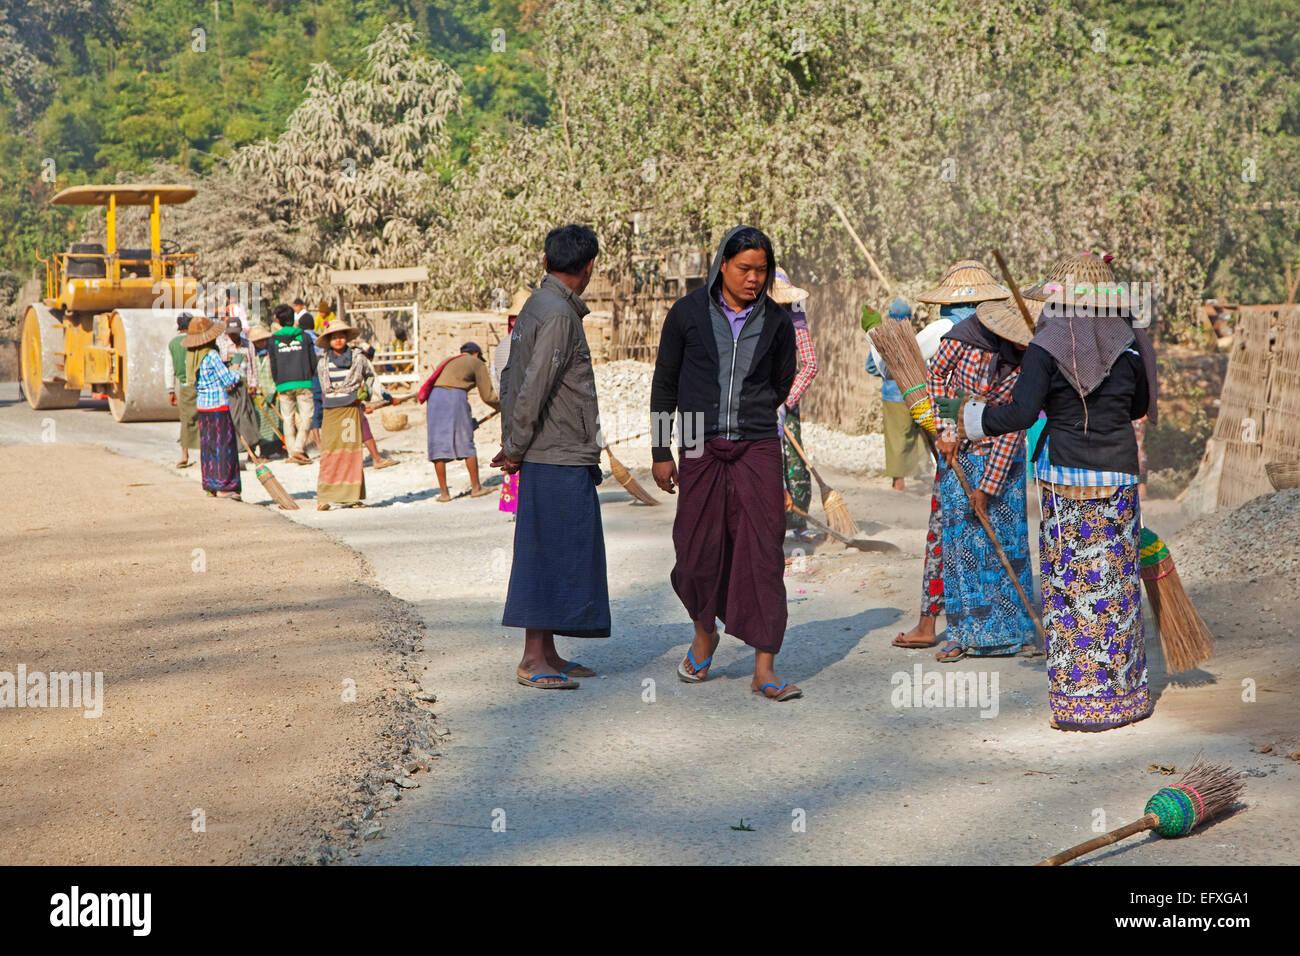 Carretera mujeres, obreras barriendo con escobas, Nyaungshwe, el Estado de Shan, Myanmar/Birmania Imagen De Stock